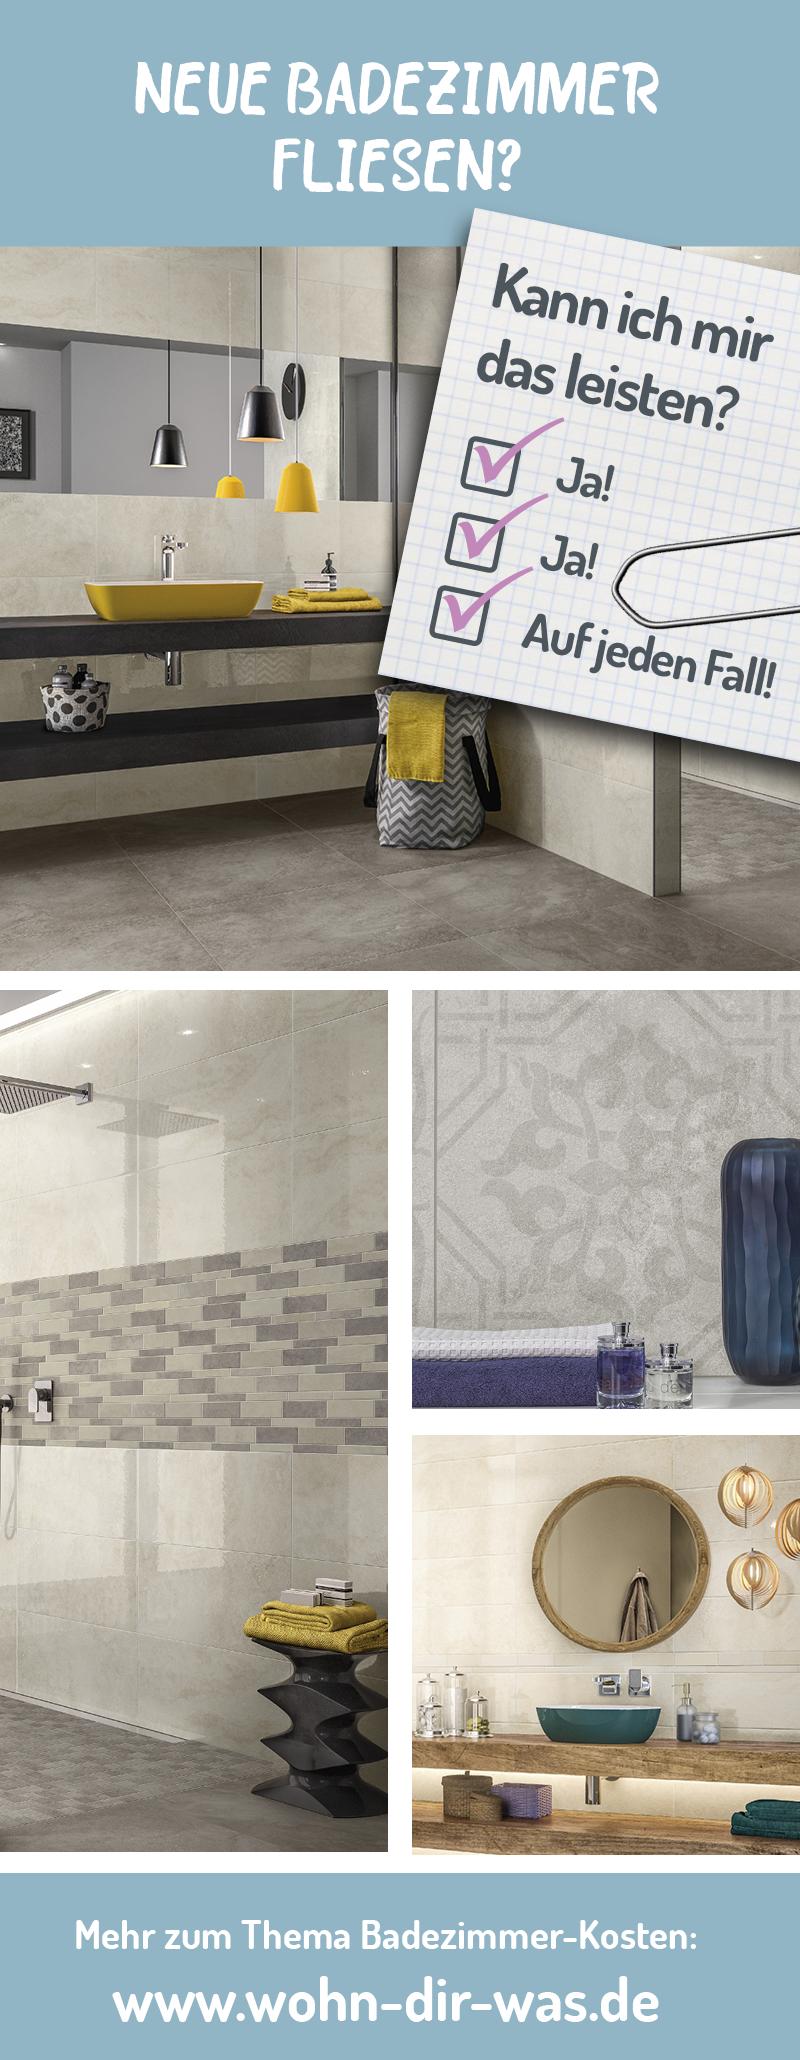 So Viel Kostet Dein Traumbad Neues Badezimmer Leisten Und Fliesen - Was kostet ein badezimmer fliesen